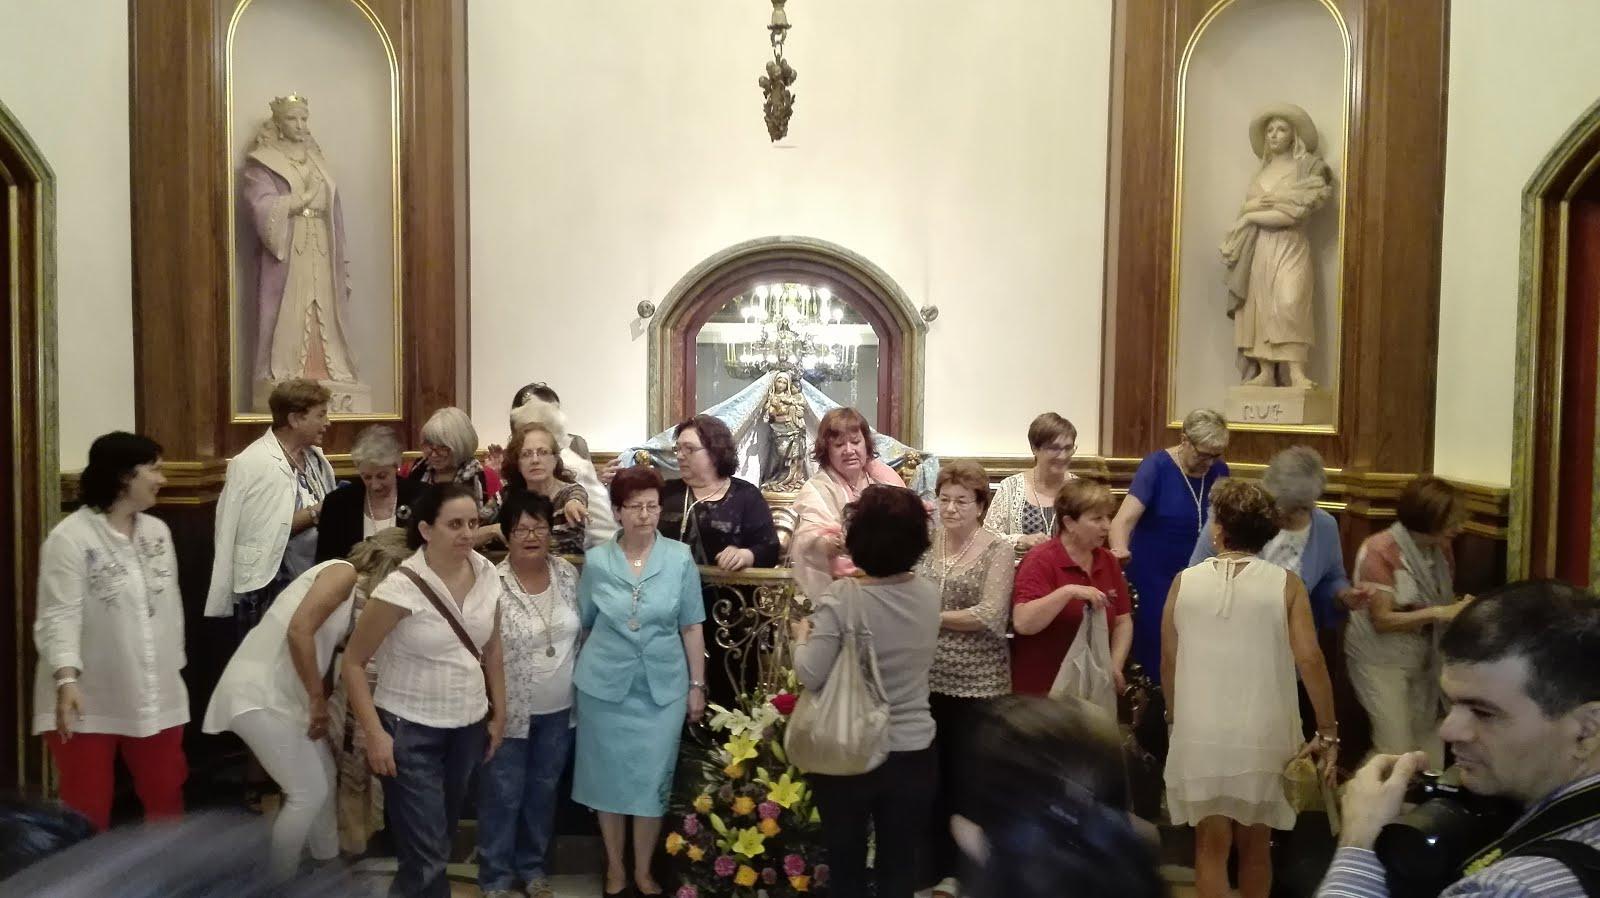 Trobada del Grup de Misericòrdies 2015